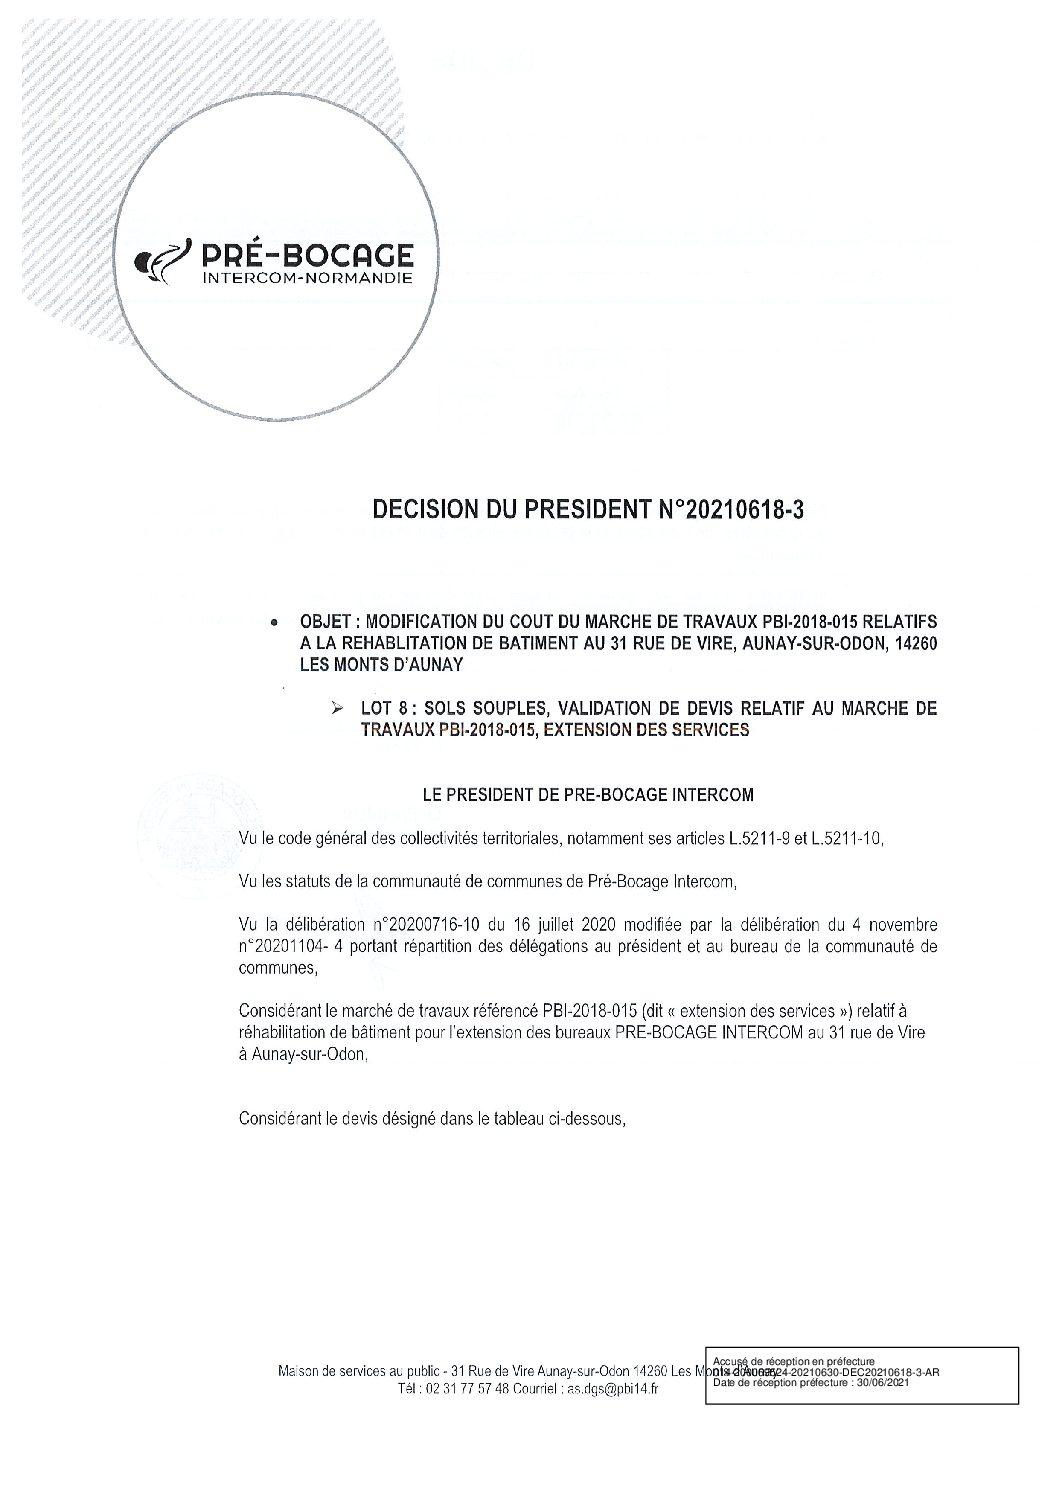 Décision déléguée du 18 juin 2021